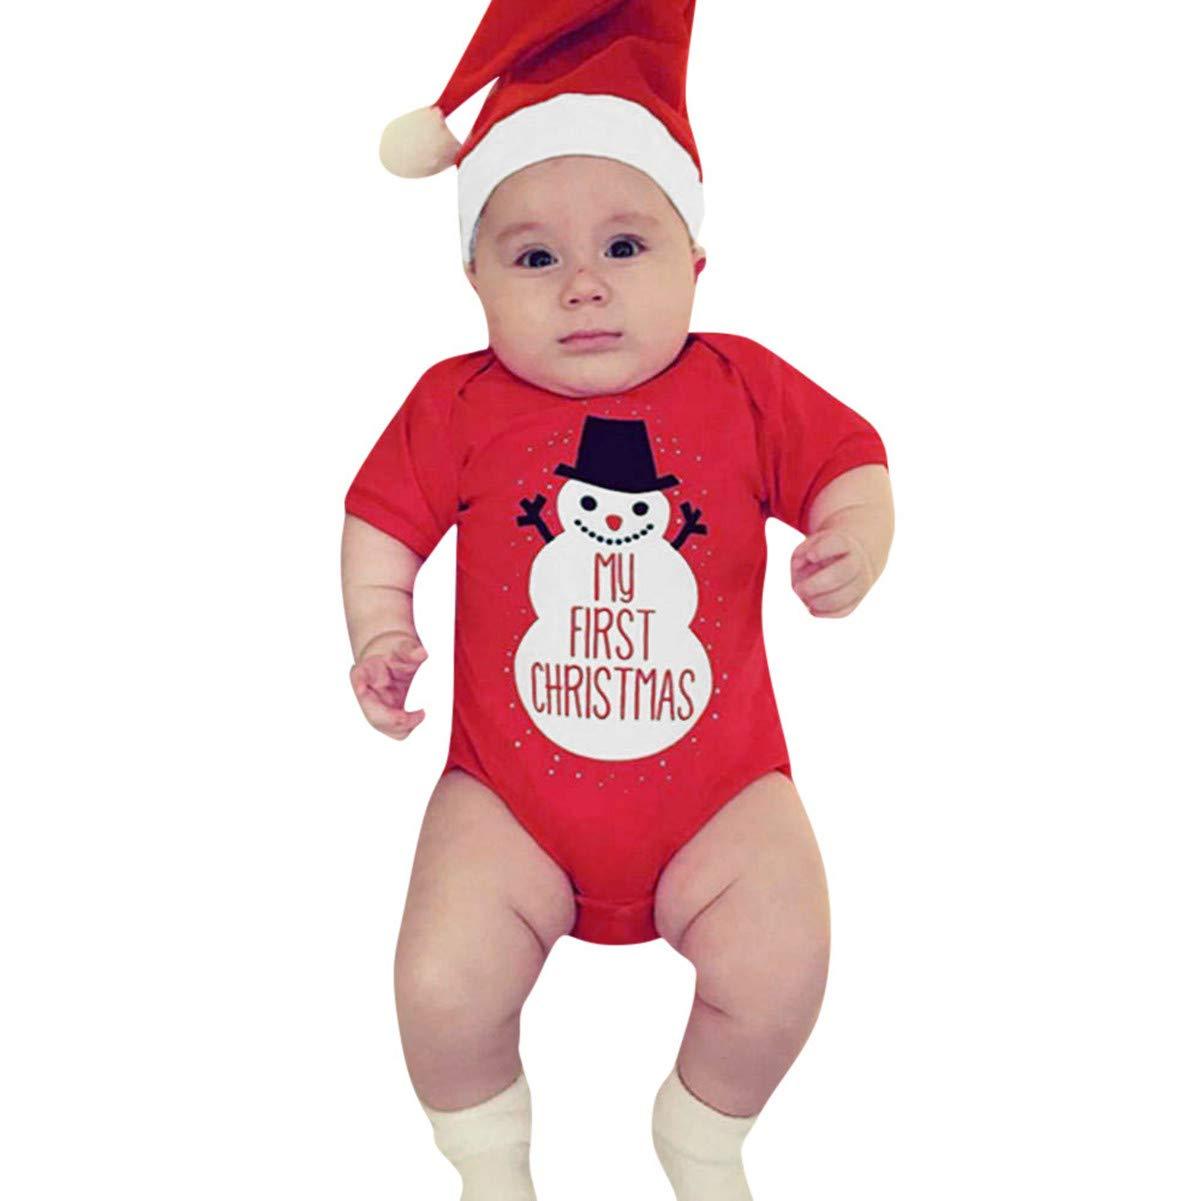 Robemon Noël Vêtement Enfant Dessin Animé Bonhomme Impression Barboteuse+ Chapeau 2Pcs Ensemble Bébé Combinaison6-24Mois